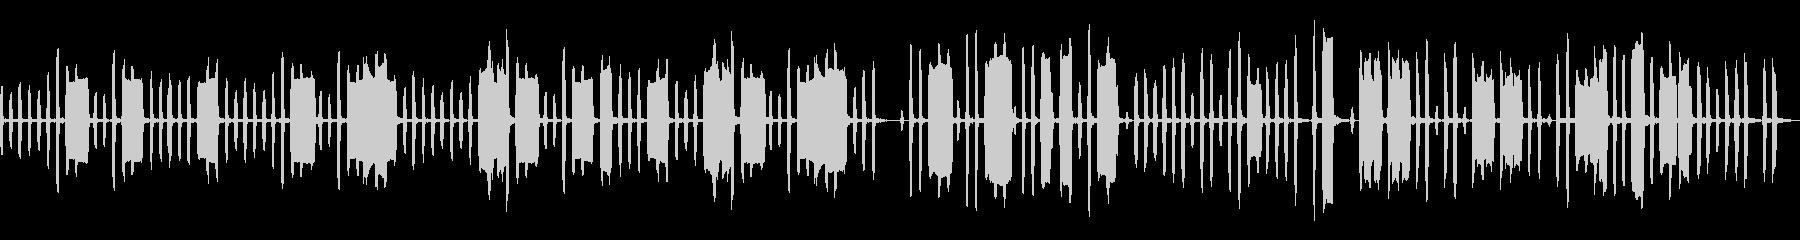 ほのぼのとしたリコーダーカルテットの未再生の波形